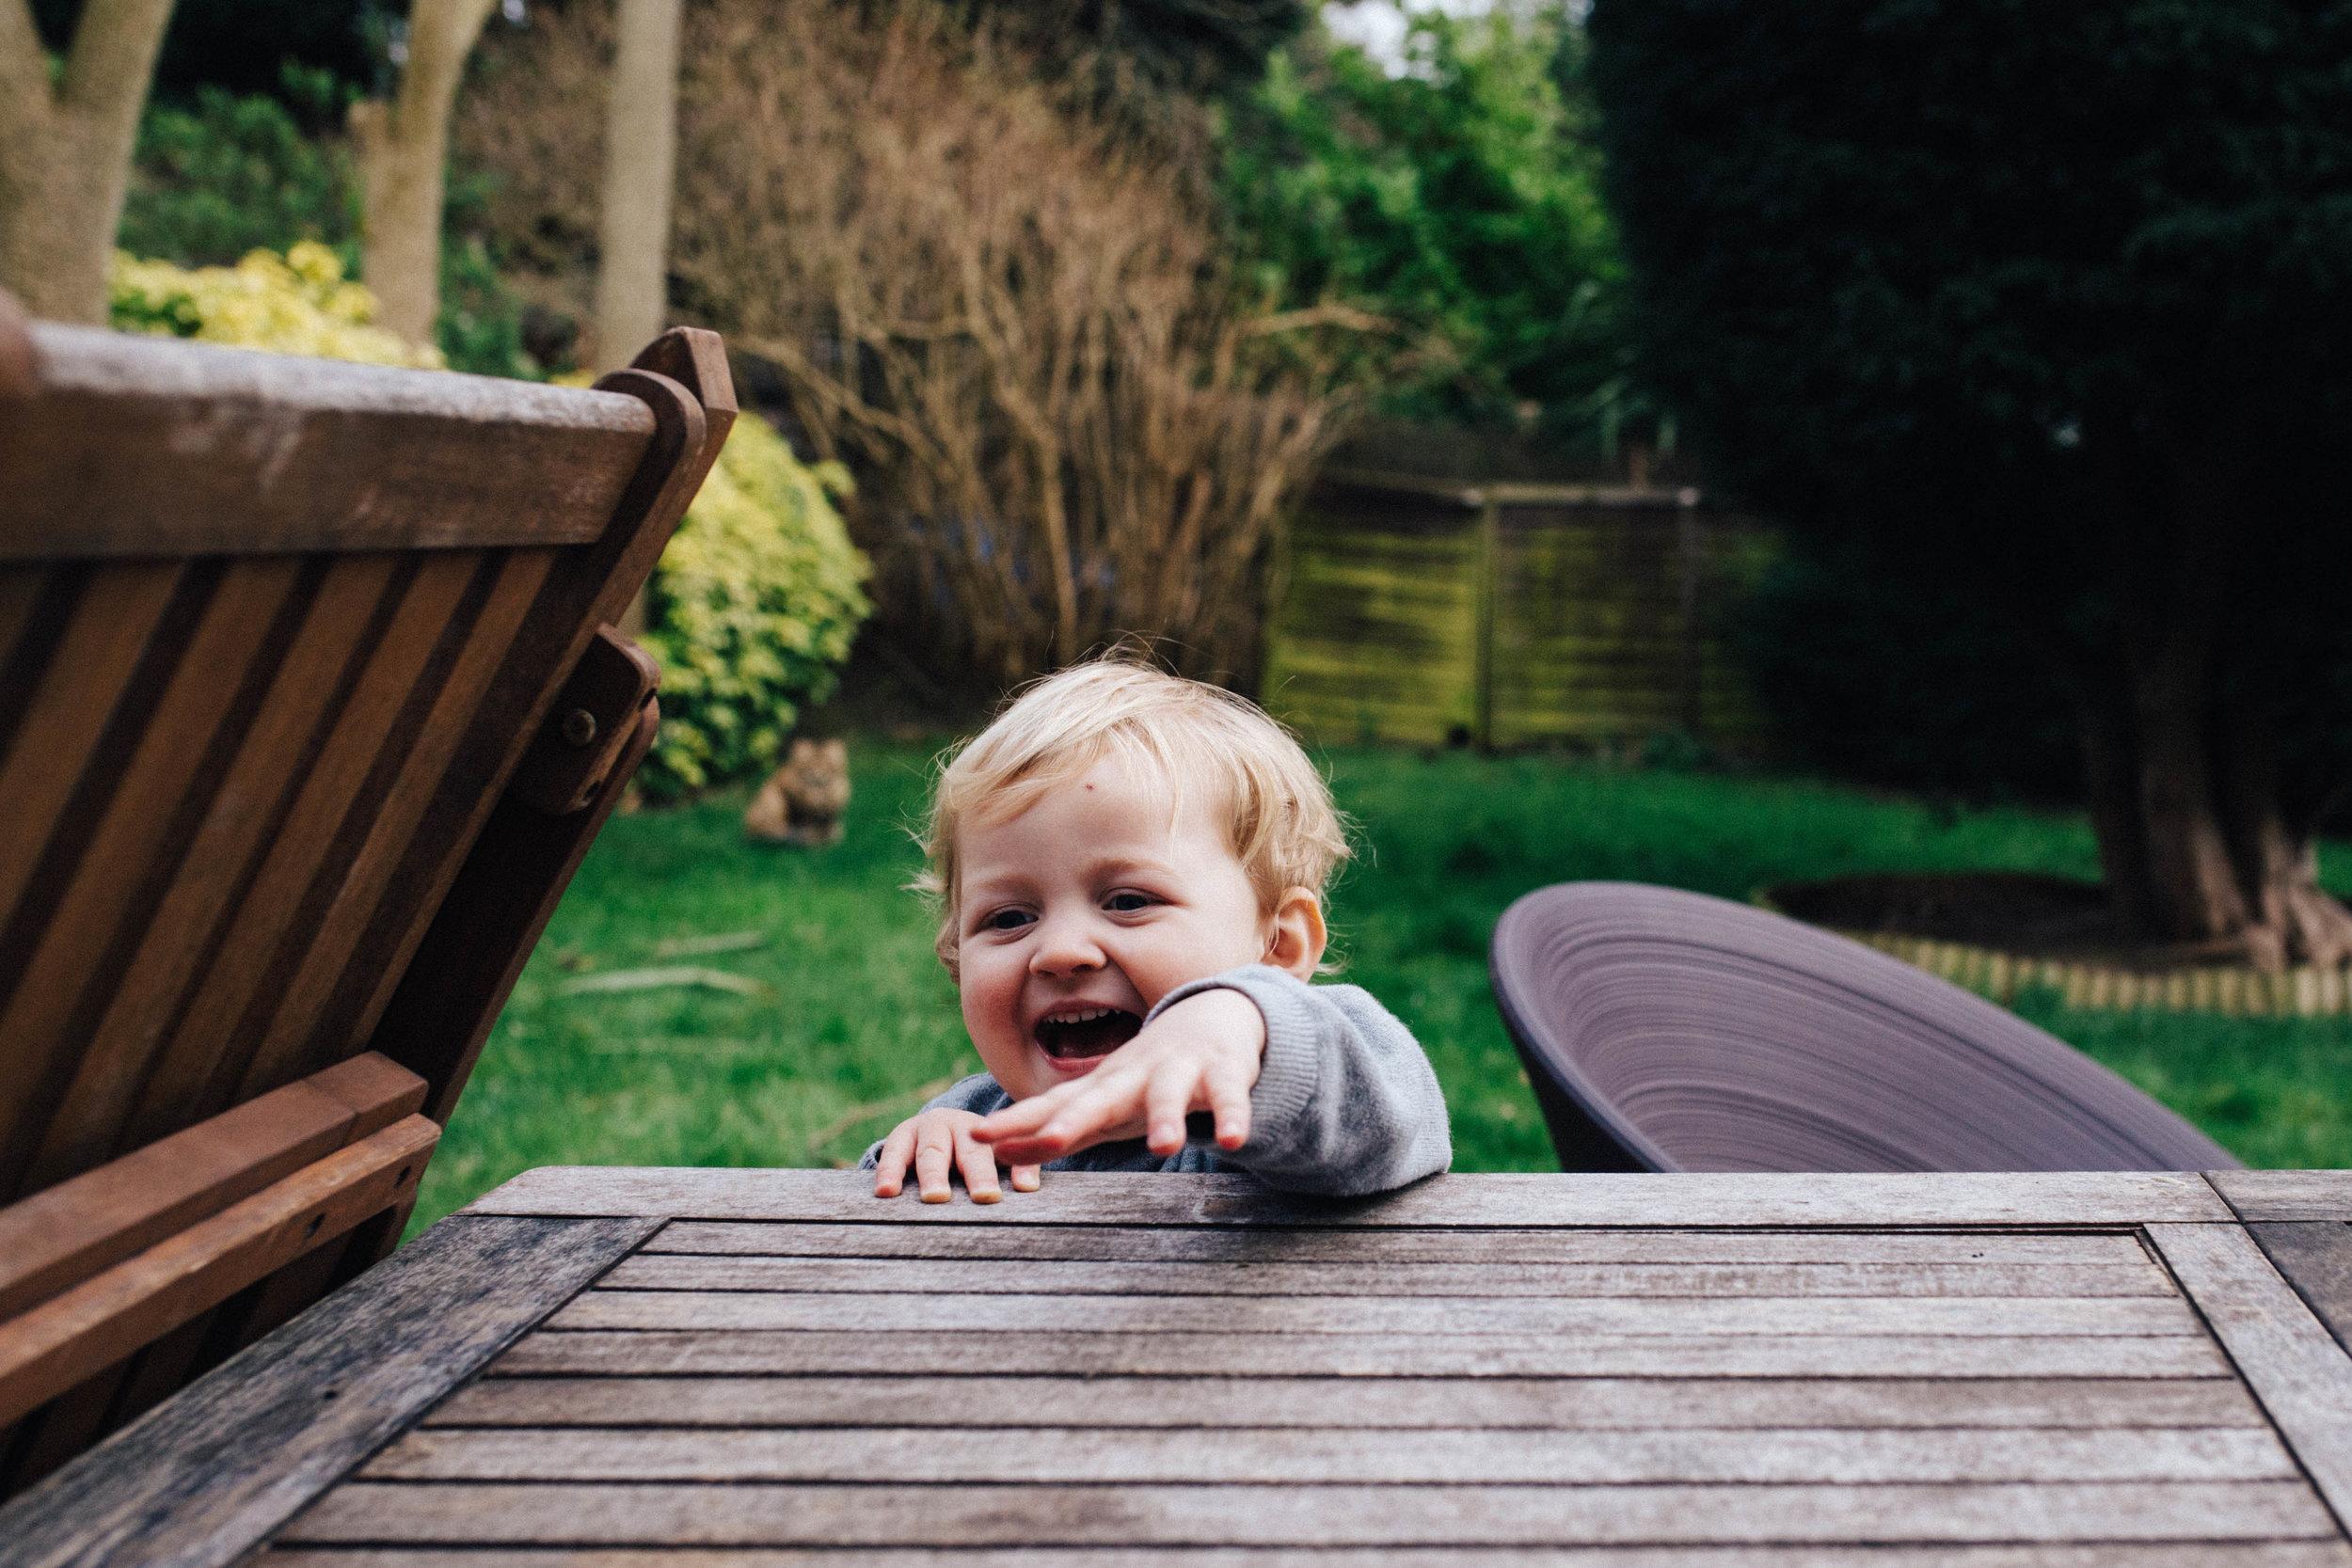 Children photography: boy smiling in the garden